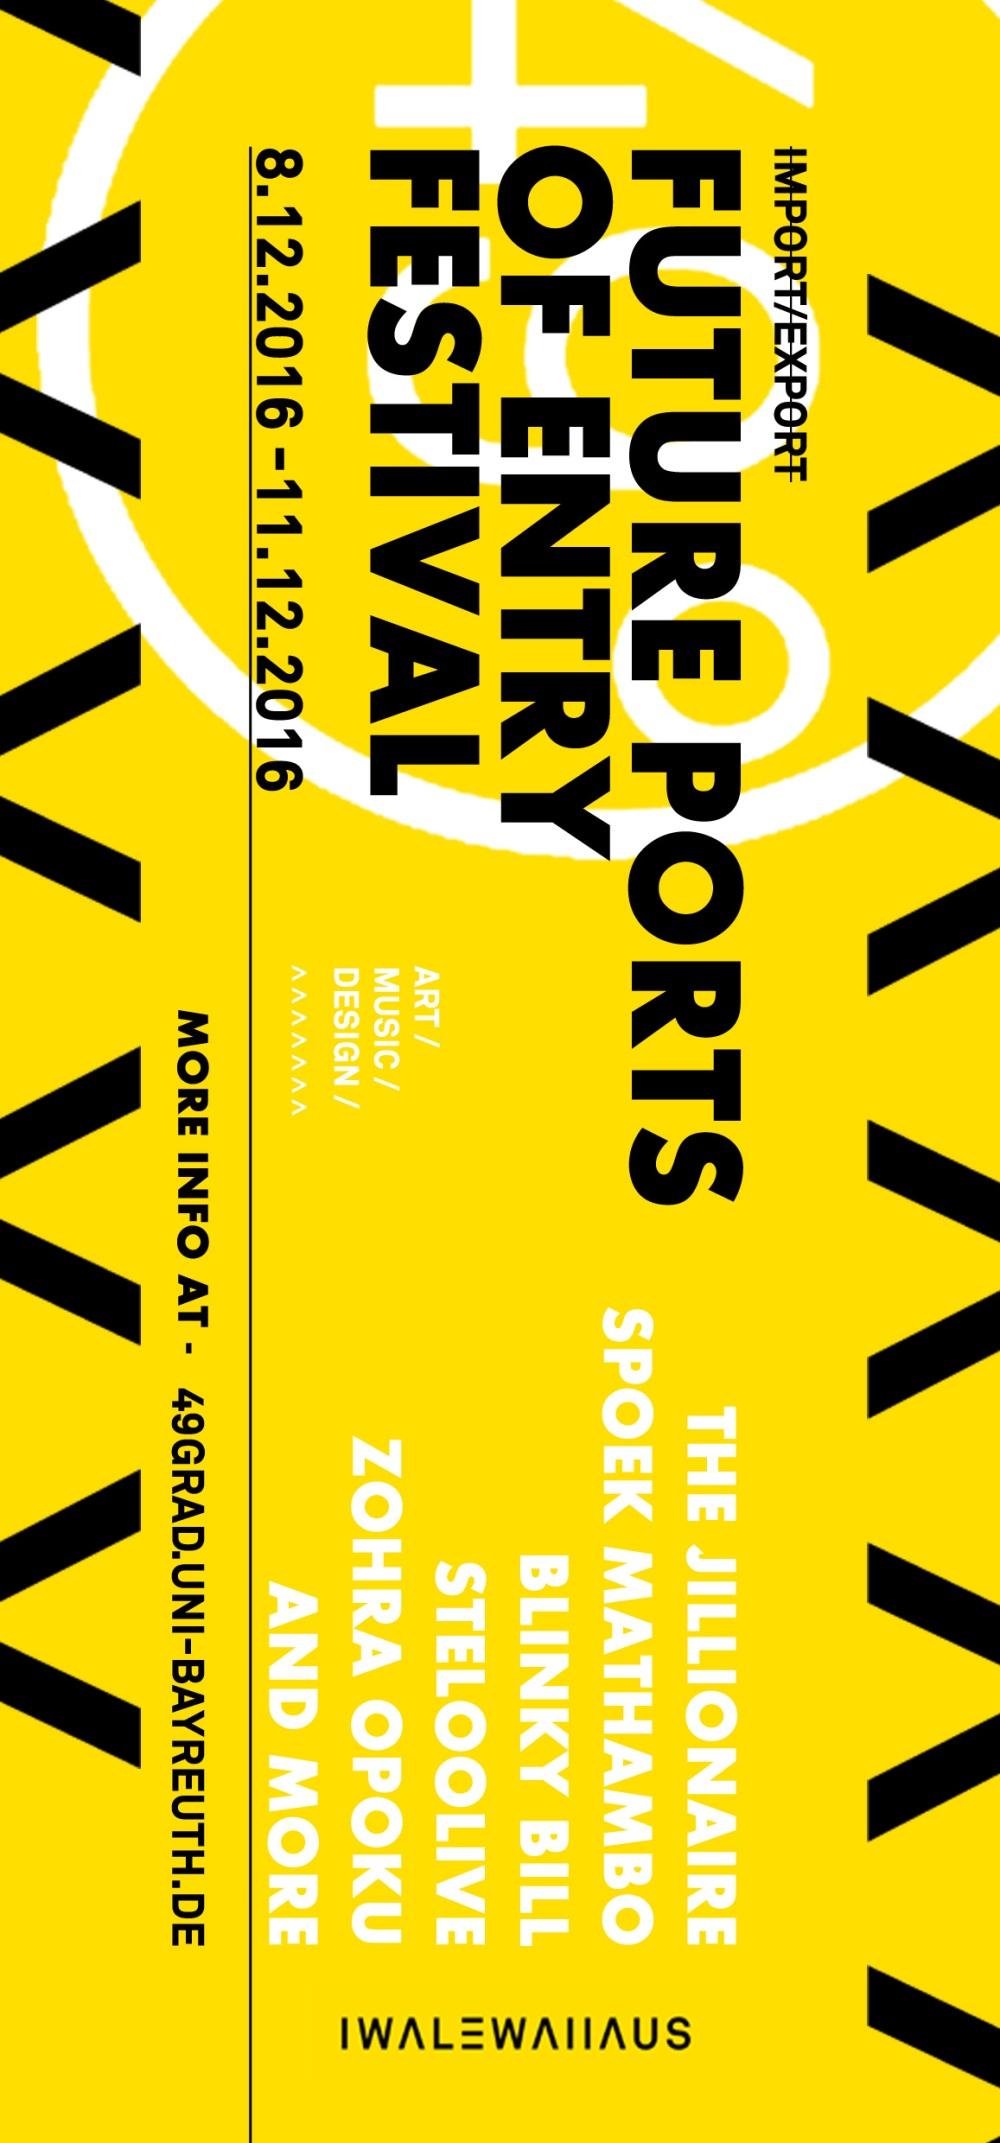 futureportsofentry-flyer